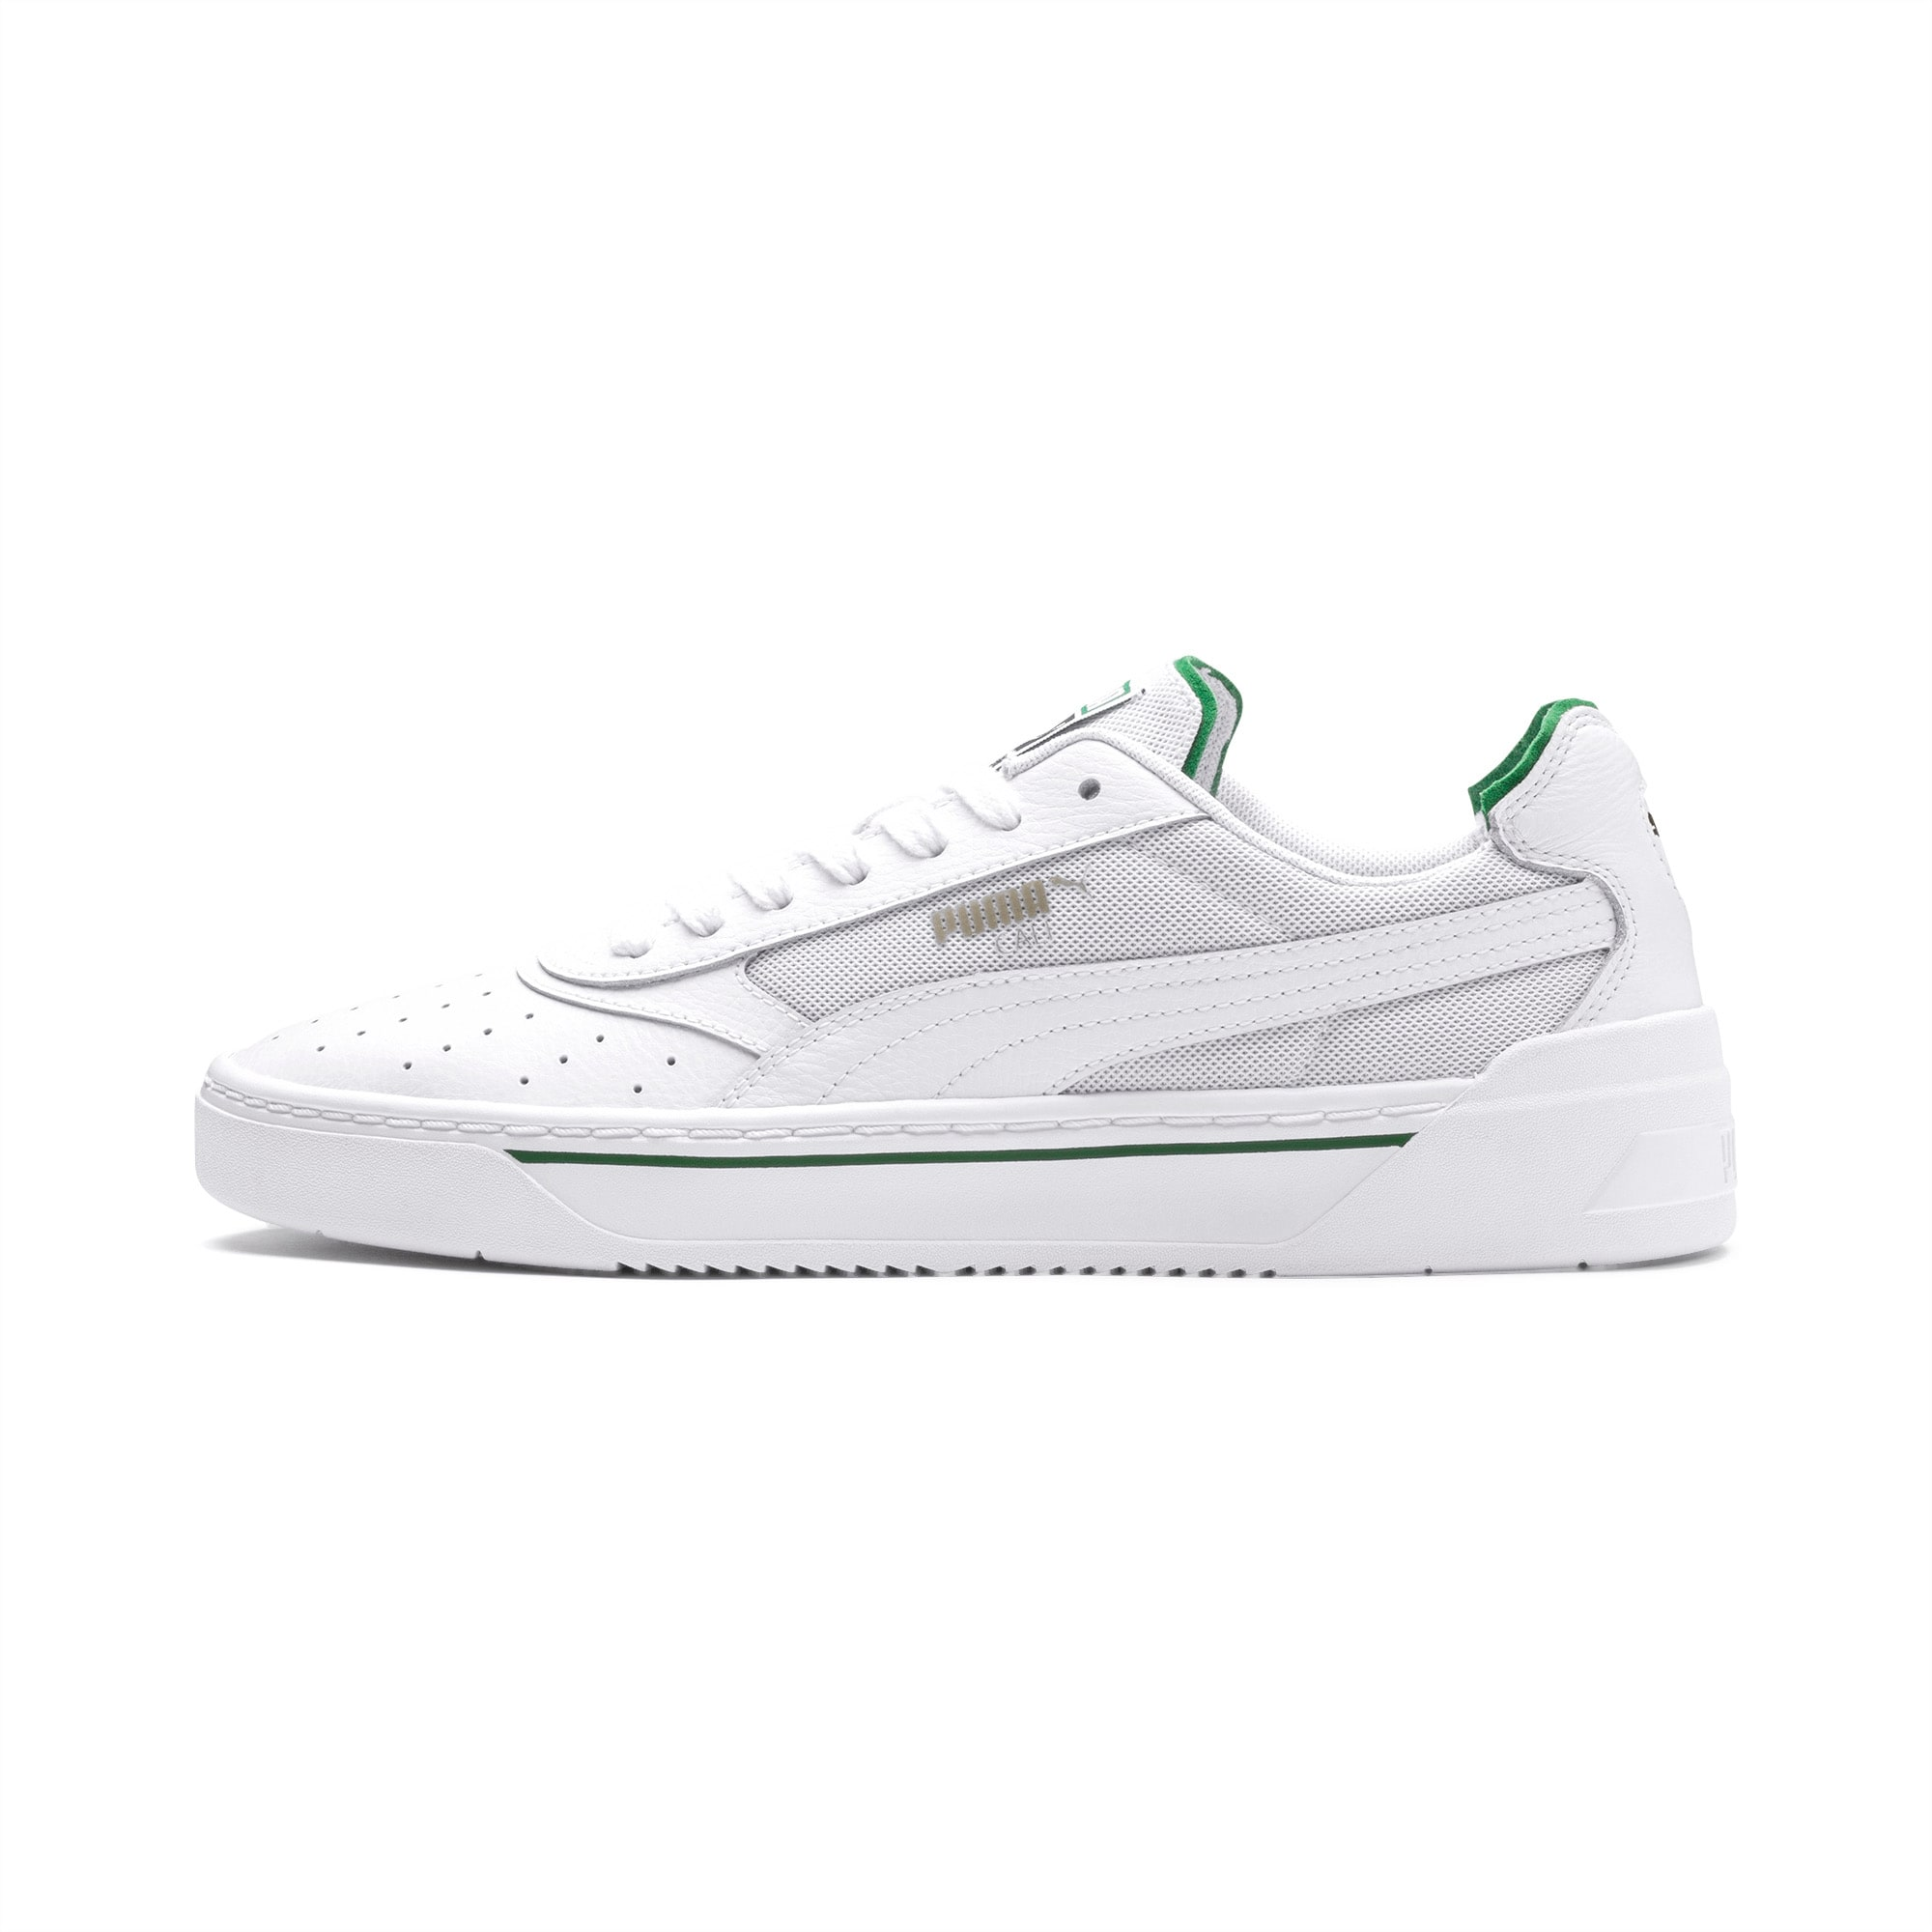 PUMA Tenisówki Cali-0 Biały Zielony, rozmiar 39, Obuwie